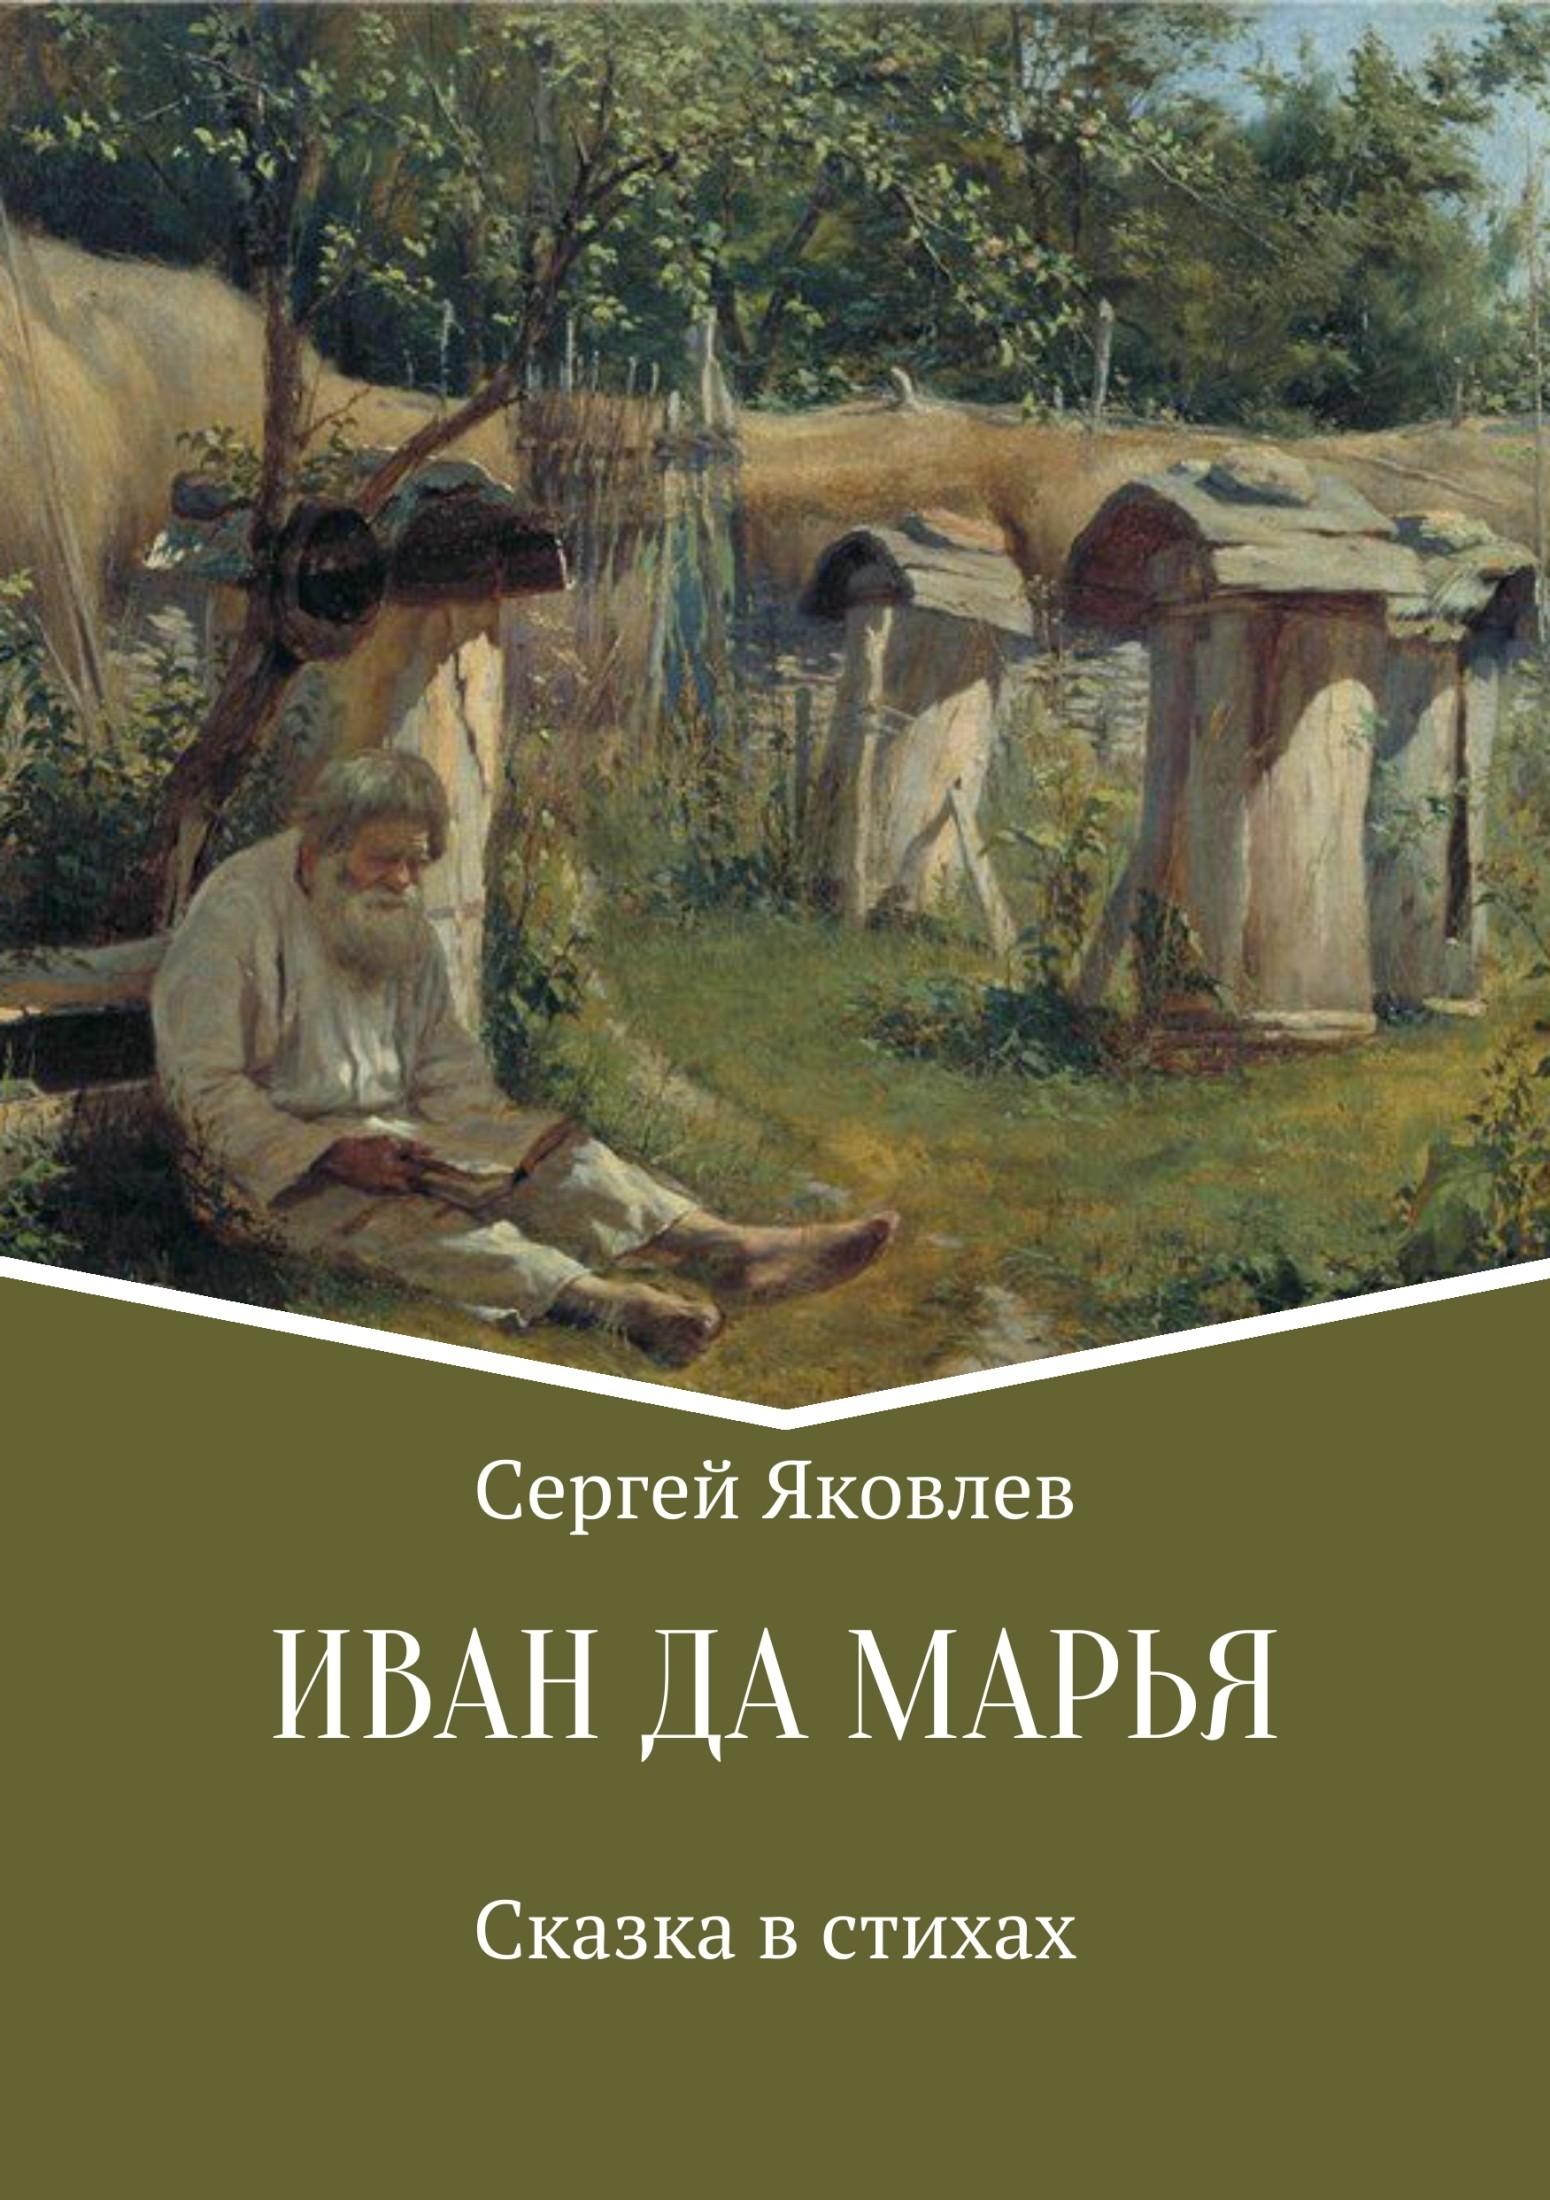 Иван да Марья. Сказка в стихах